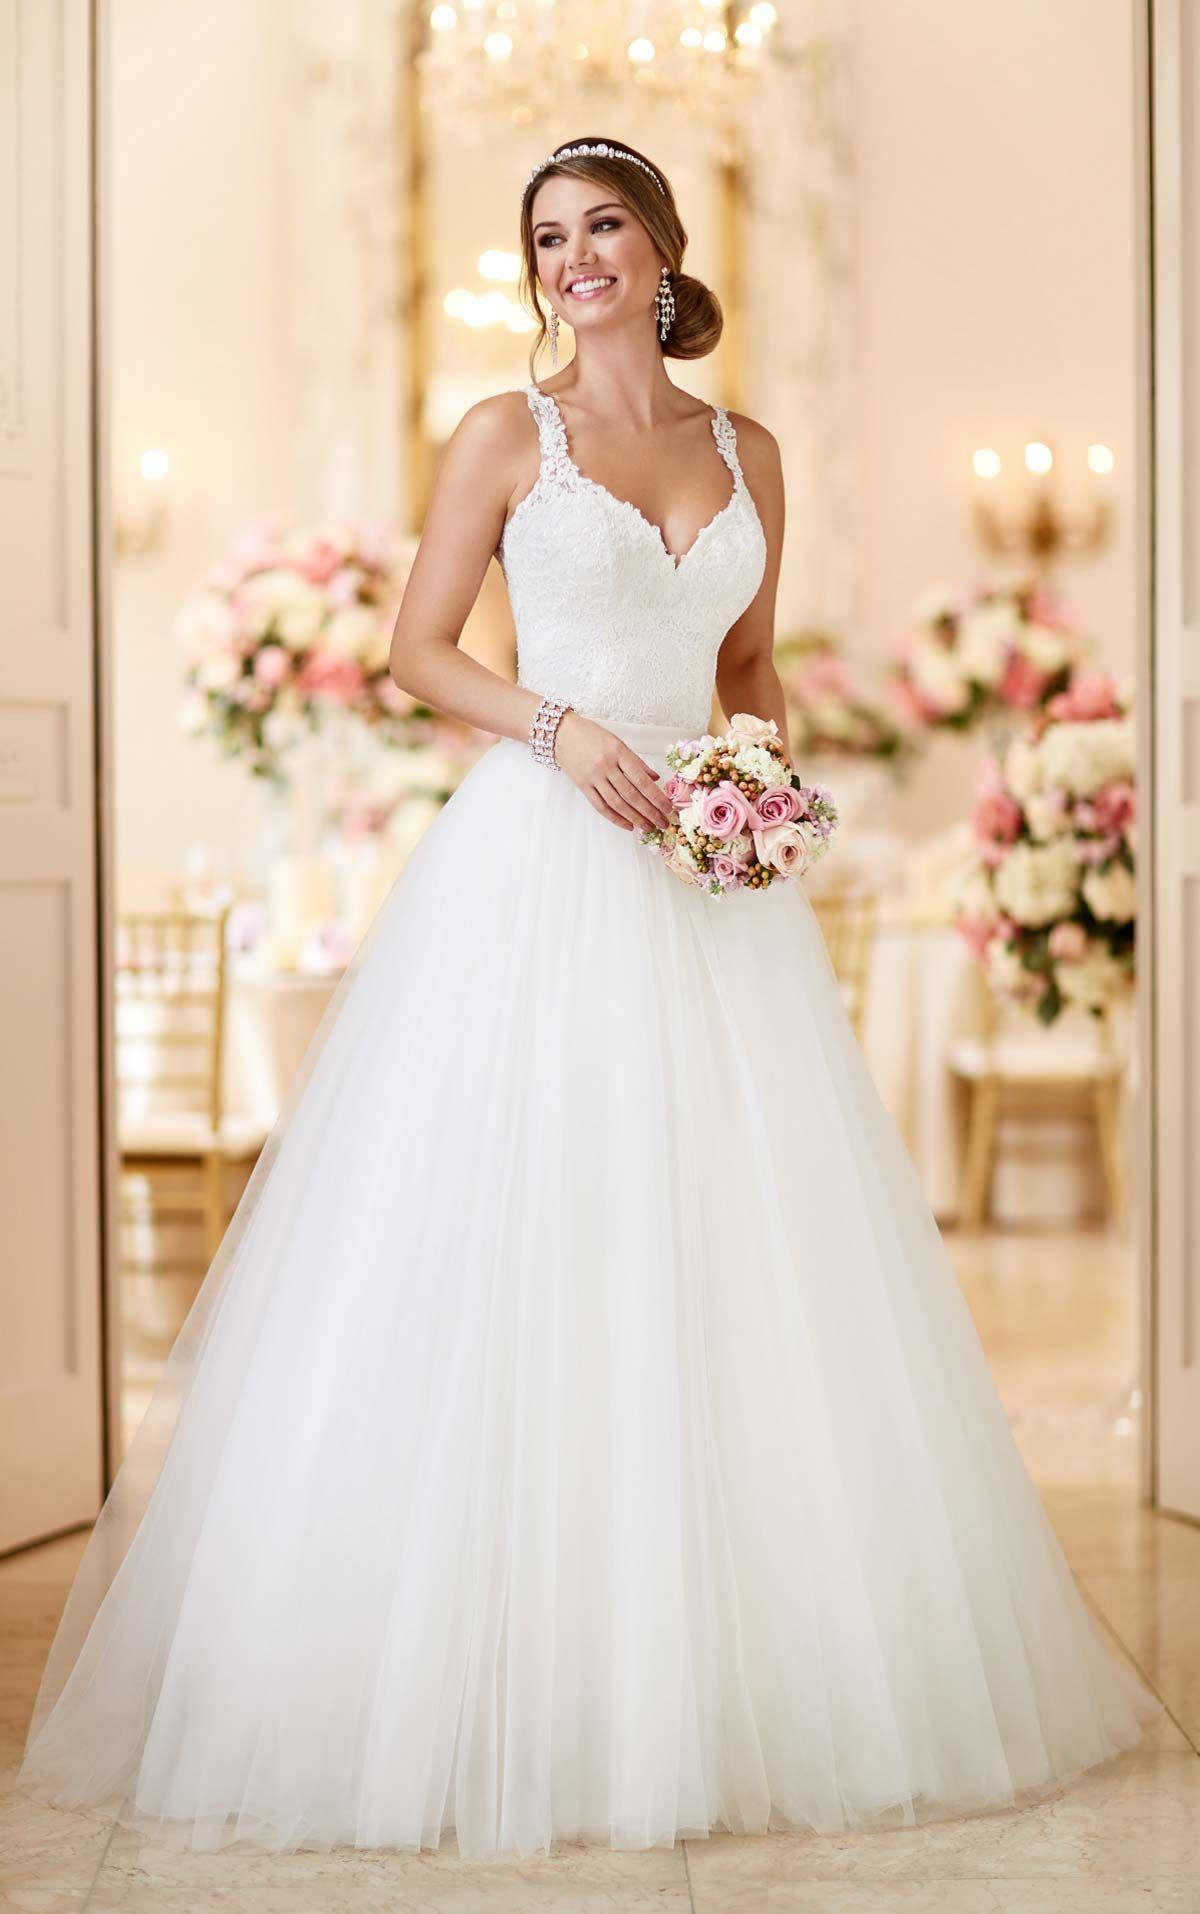 konvertierbares Brautkleid | Brautkleider, Hochzeitskleider und ...